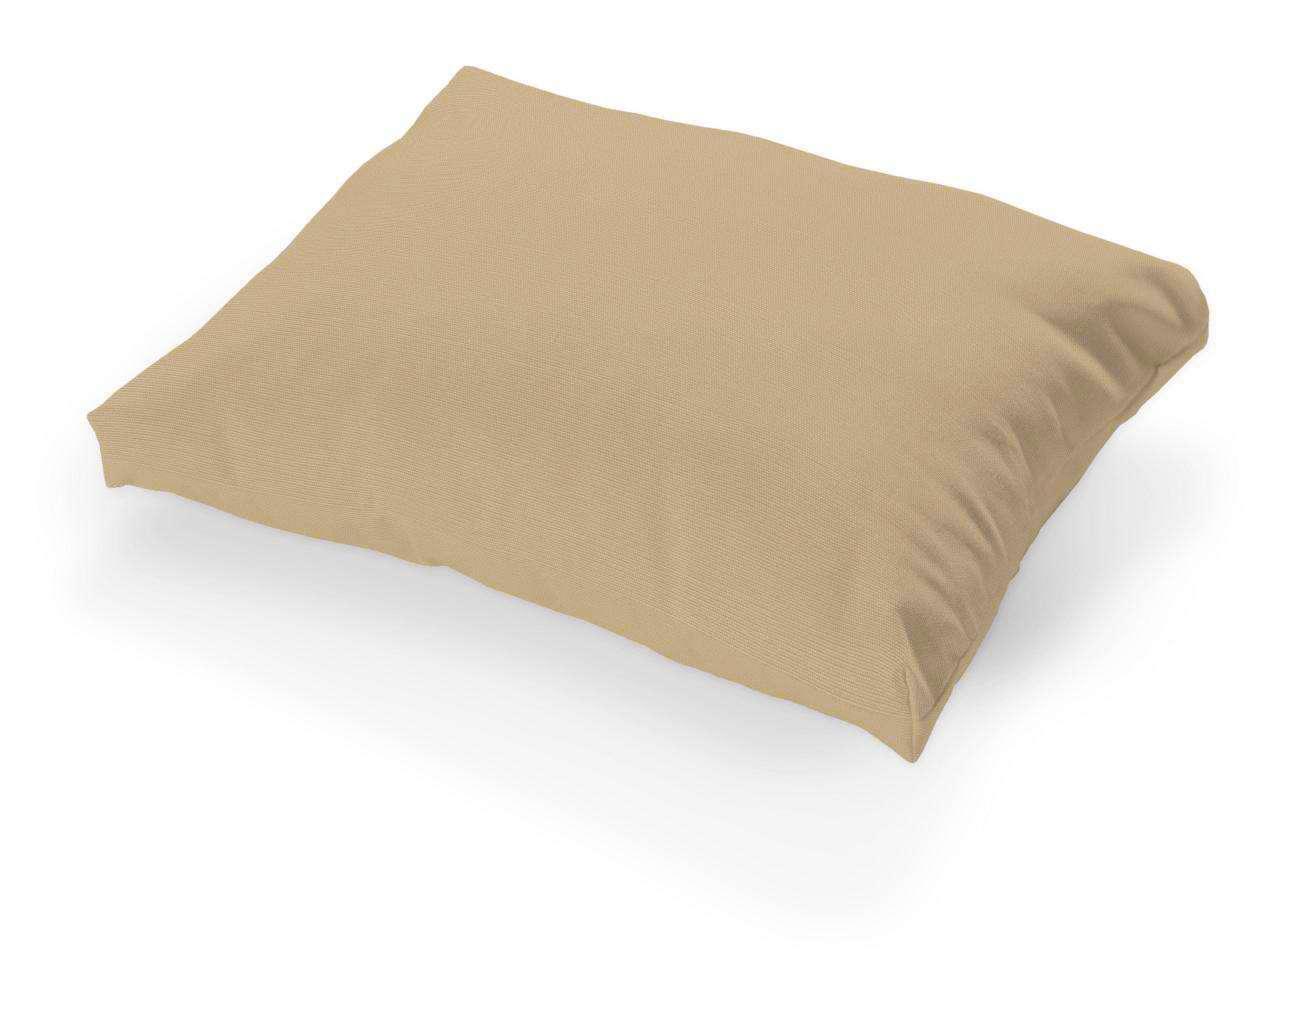 Tylösand pagalvėlės užvalkalas Tylösand pagalvėlė kolekcijoje Cotton Panama, audinys: 702-01